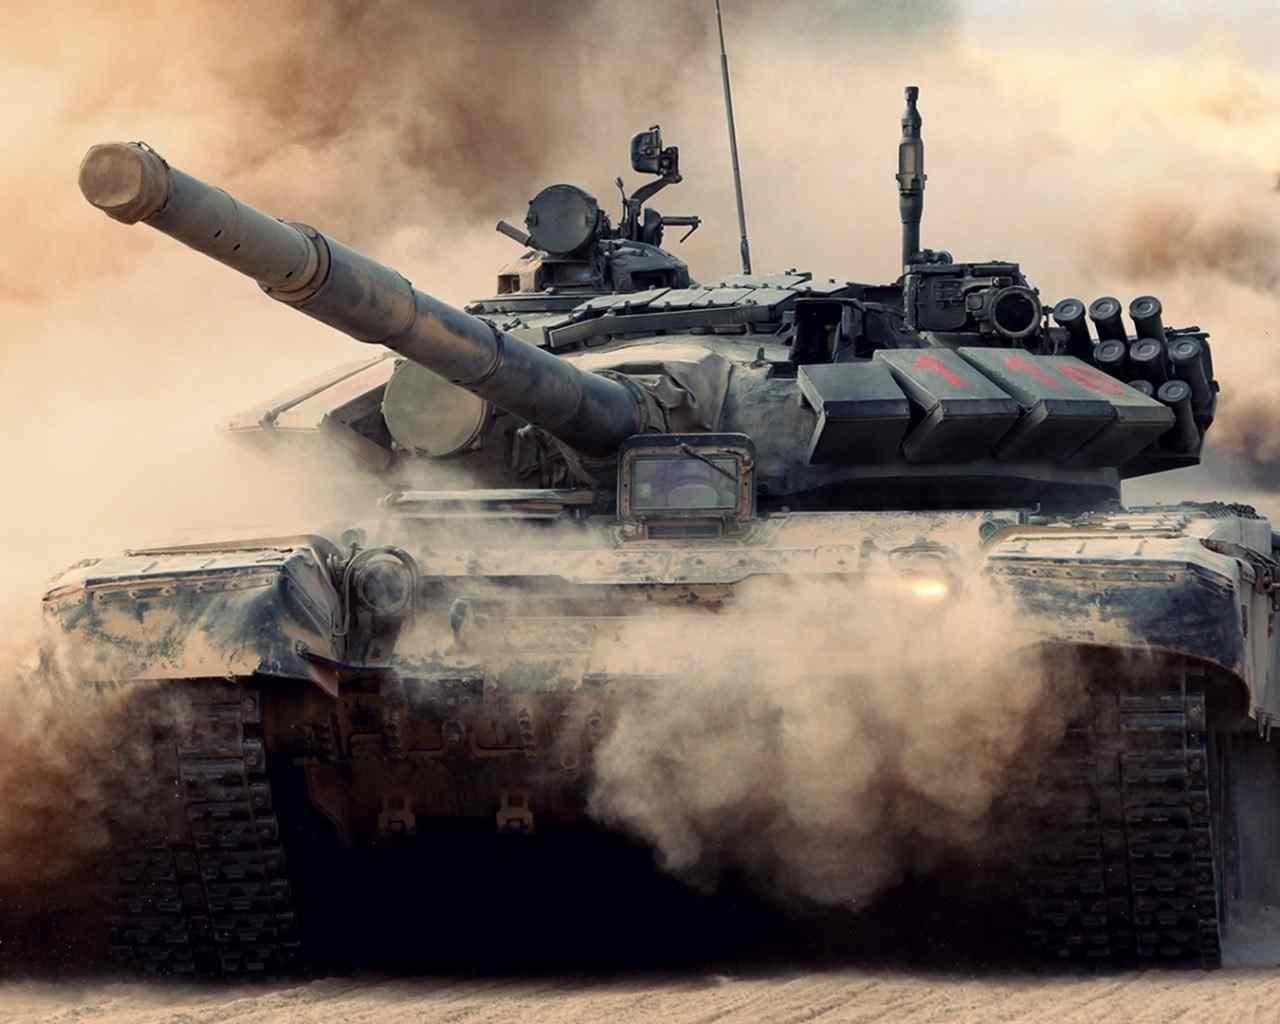 Popular Mechanics - Армата это жемчужина танкостроения, но и российский Т-90 восхищает